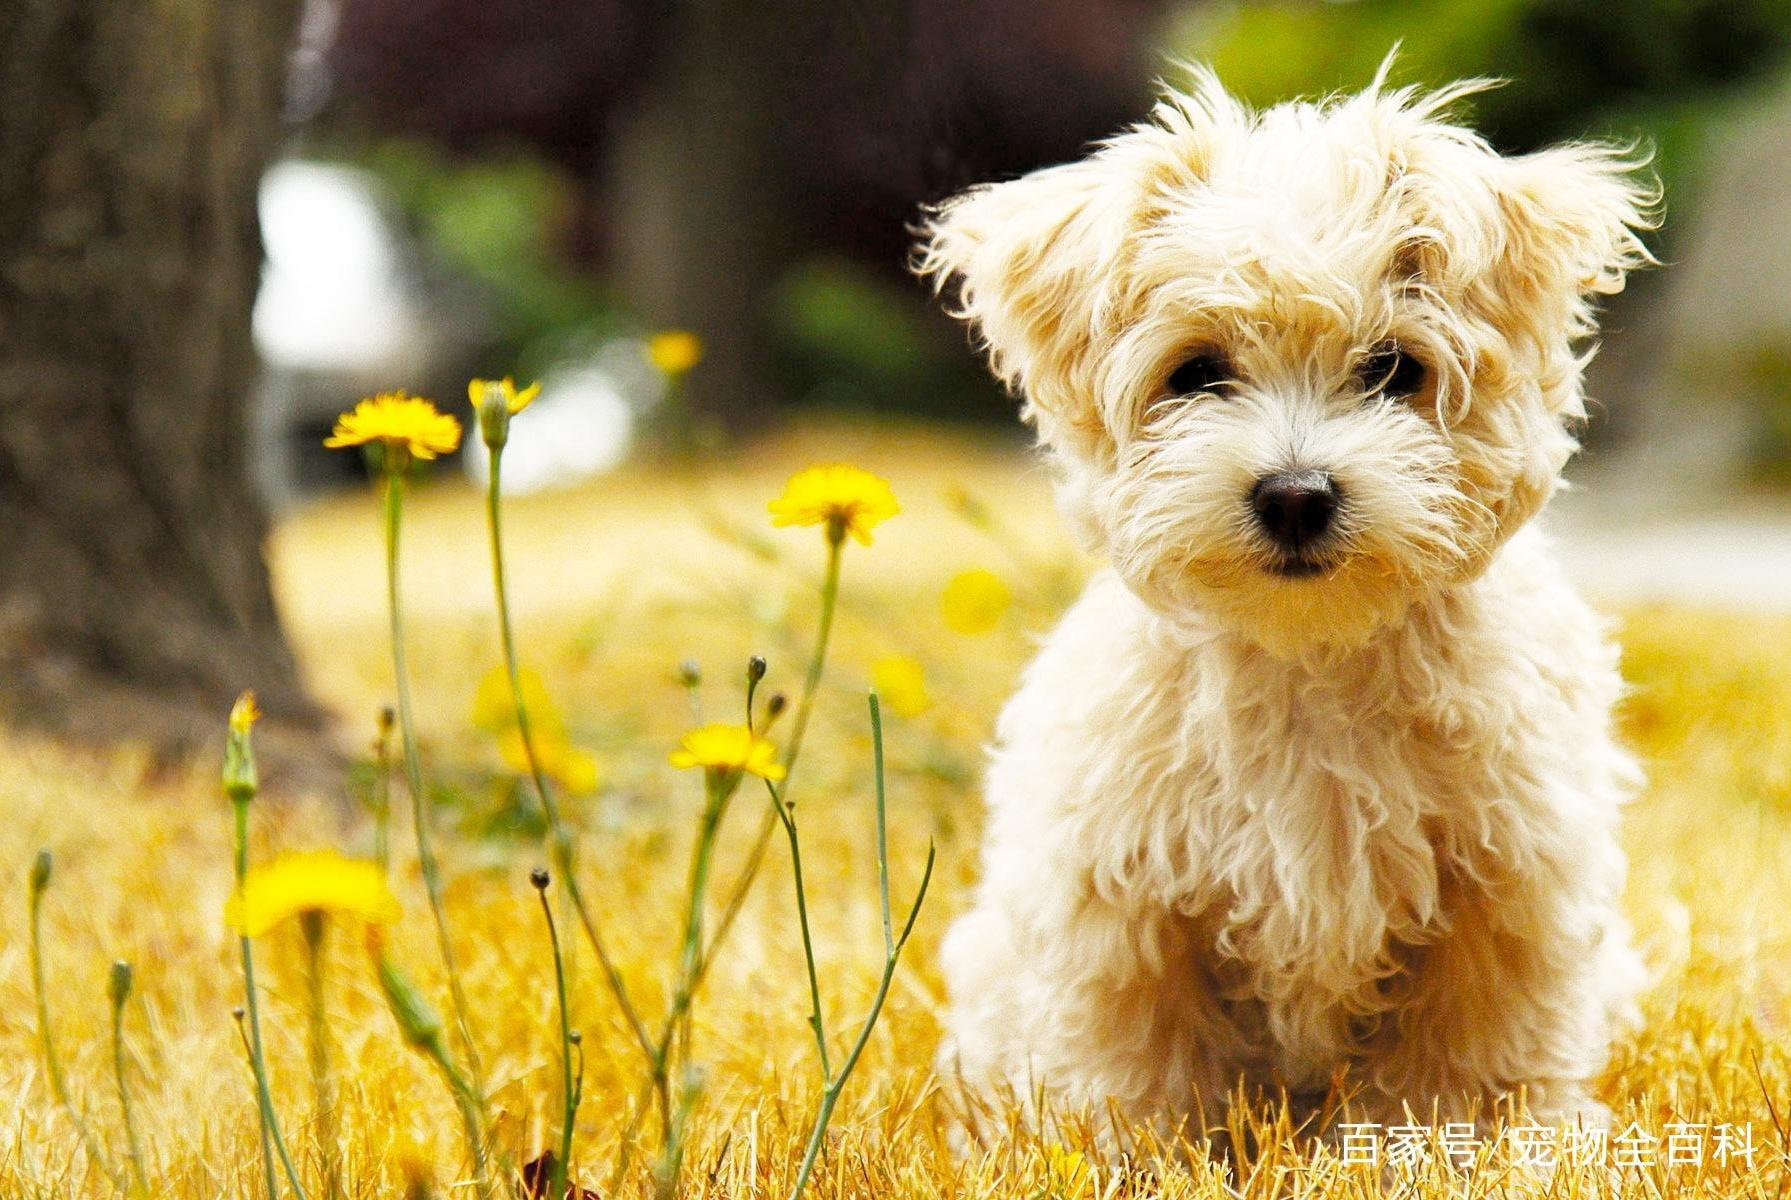 养宠物有快乐但也有烦恼,你认为宠物带给你最大的烦恼是什么?